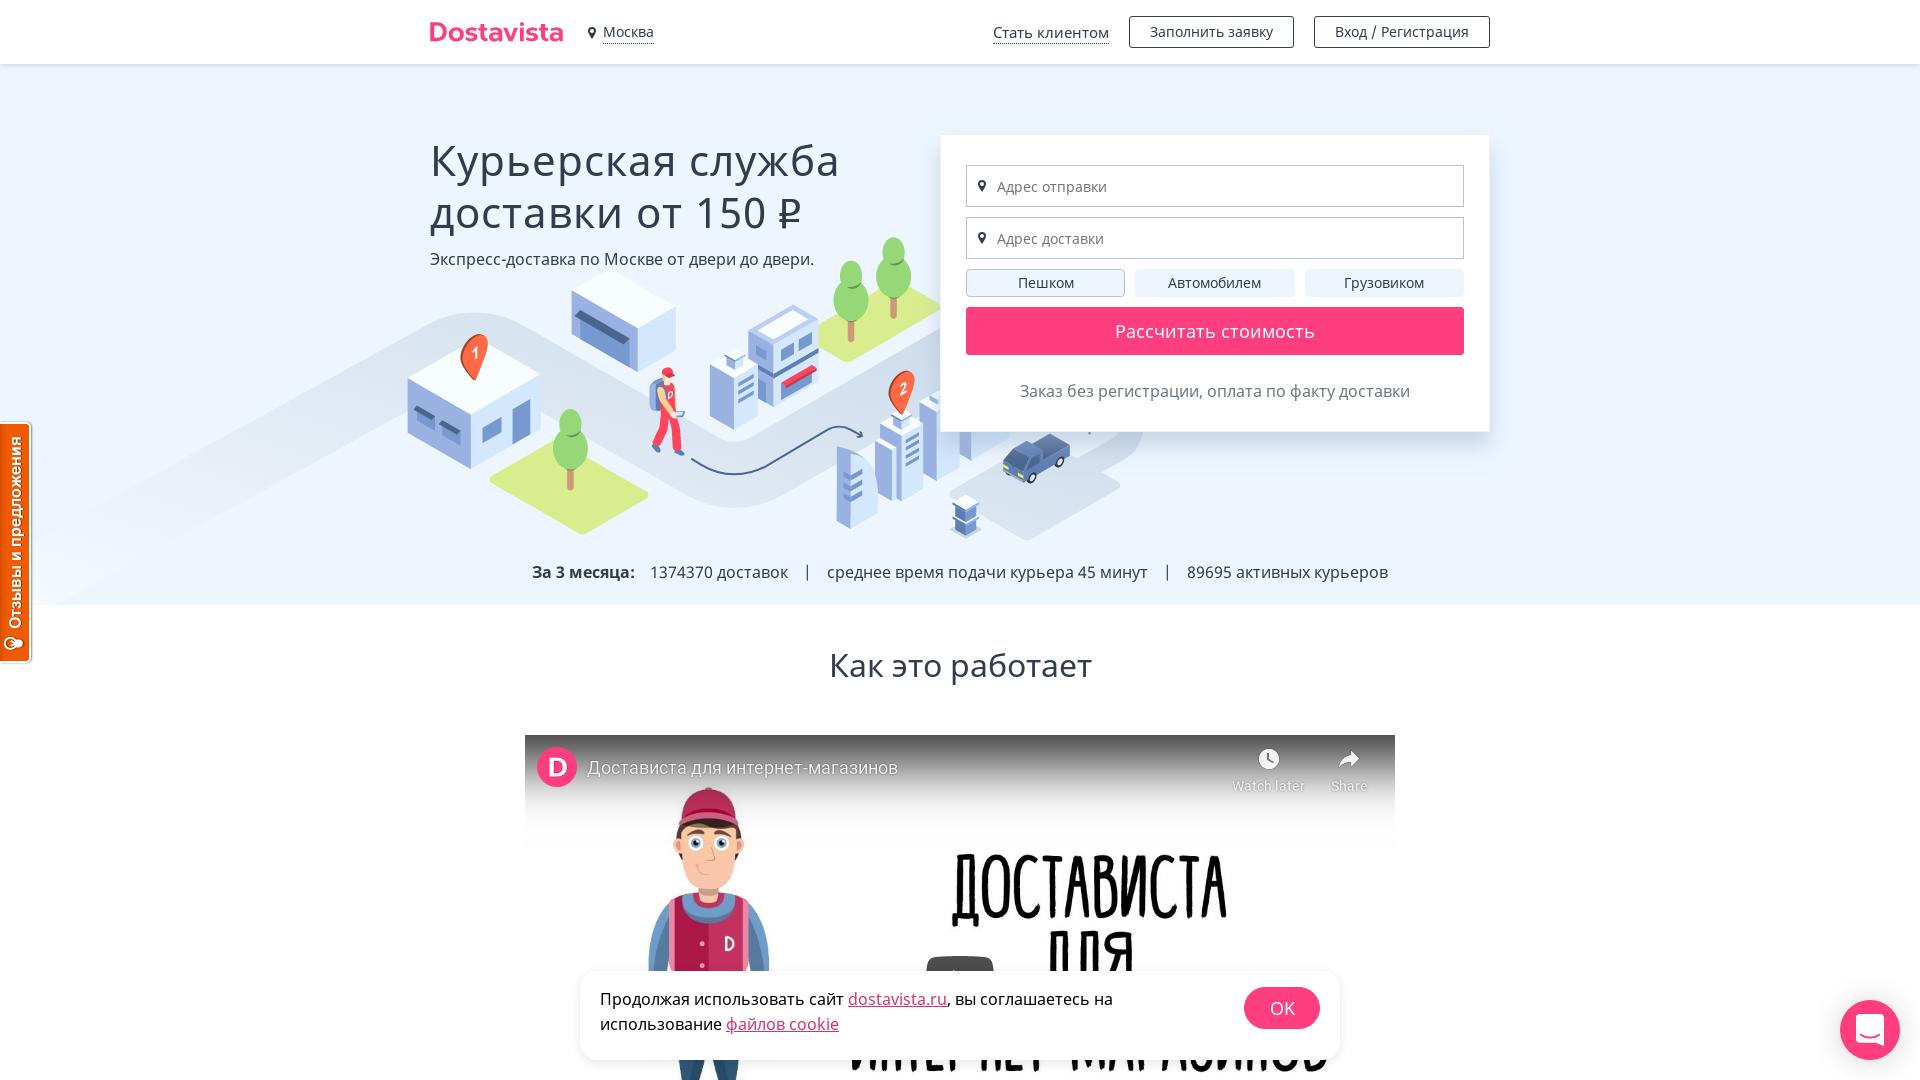 Dostavista website